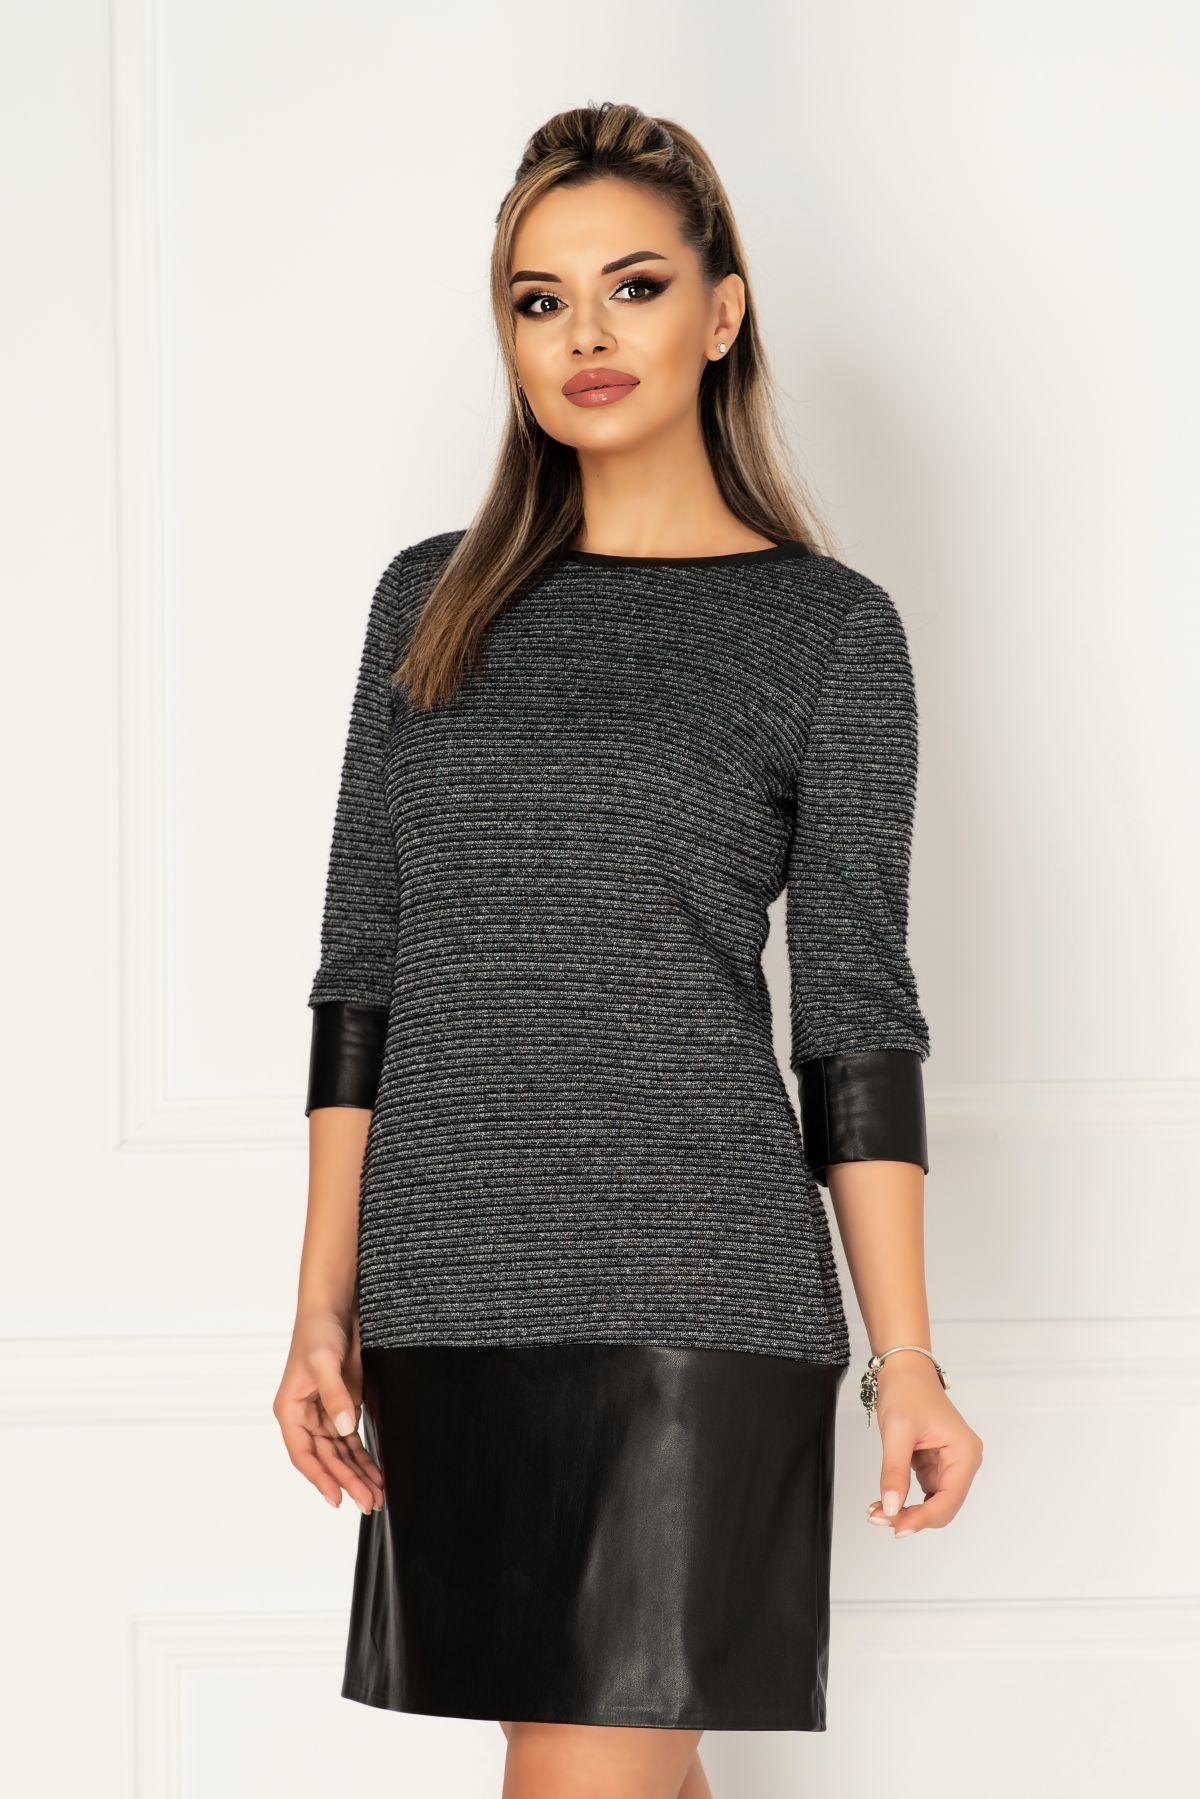 Rochie MBG lejera din tricot cu benzi din piele ecologica si buzunare laterale